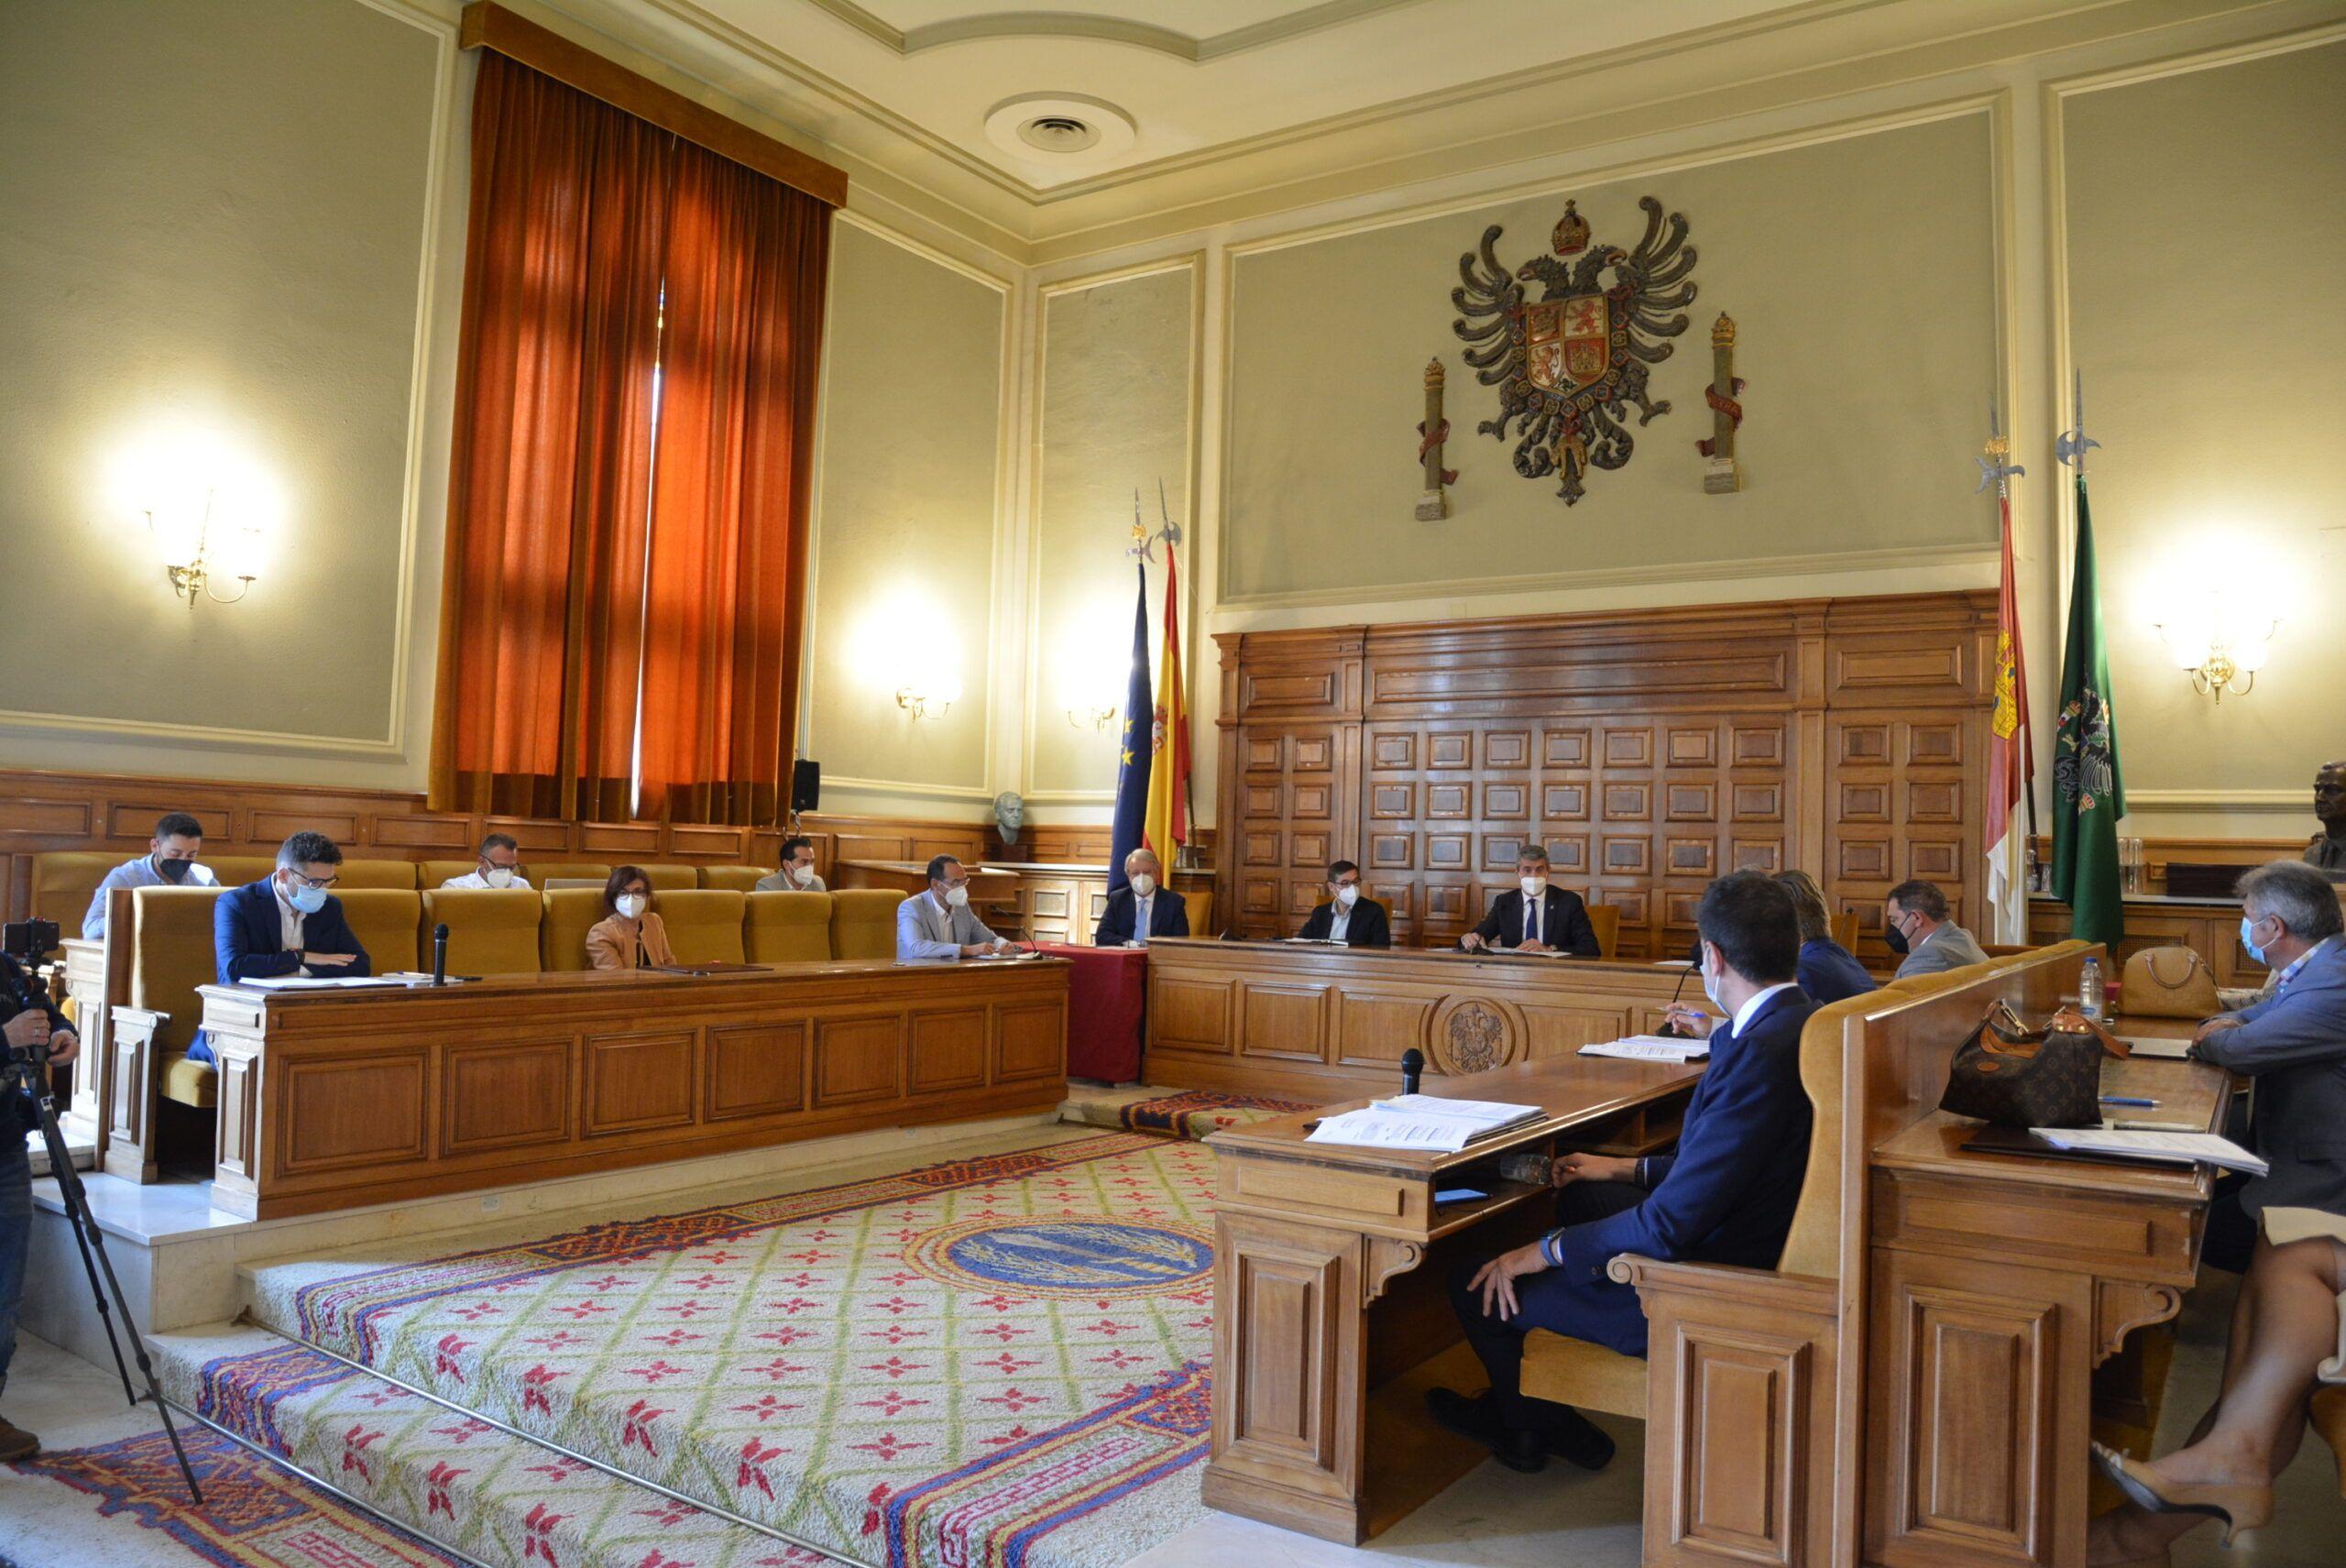 Los ayuntamientos podrán pedir la semana que viene las ayudas para el estímulo económico municipal de la Diputación